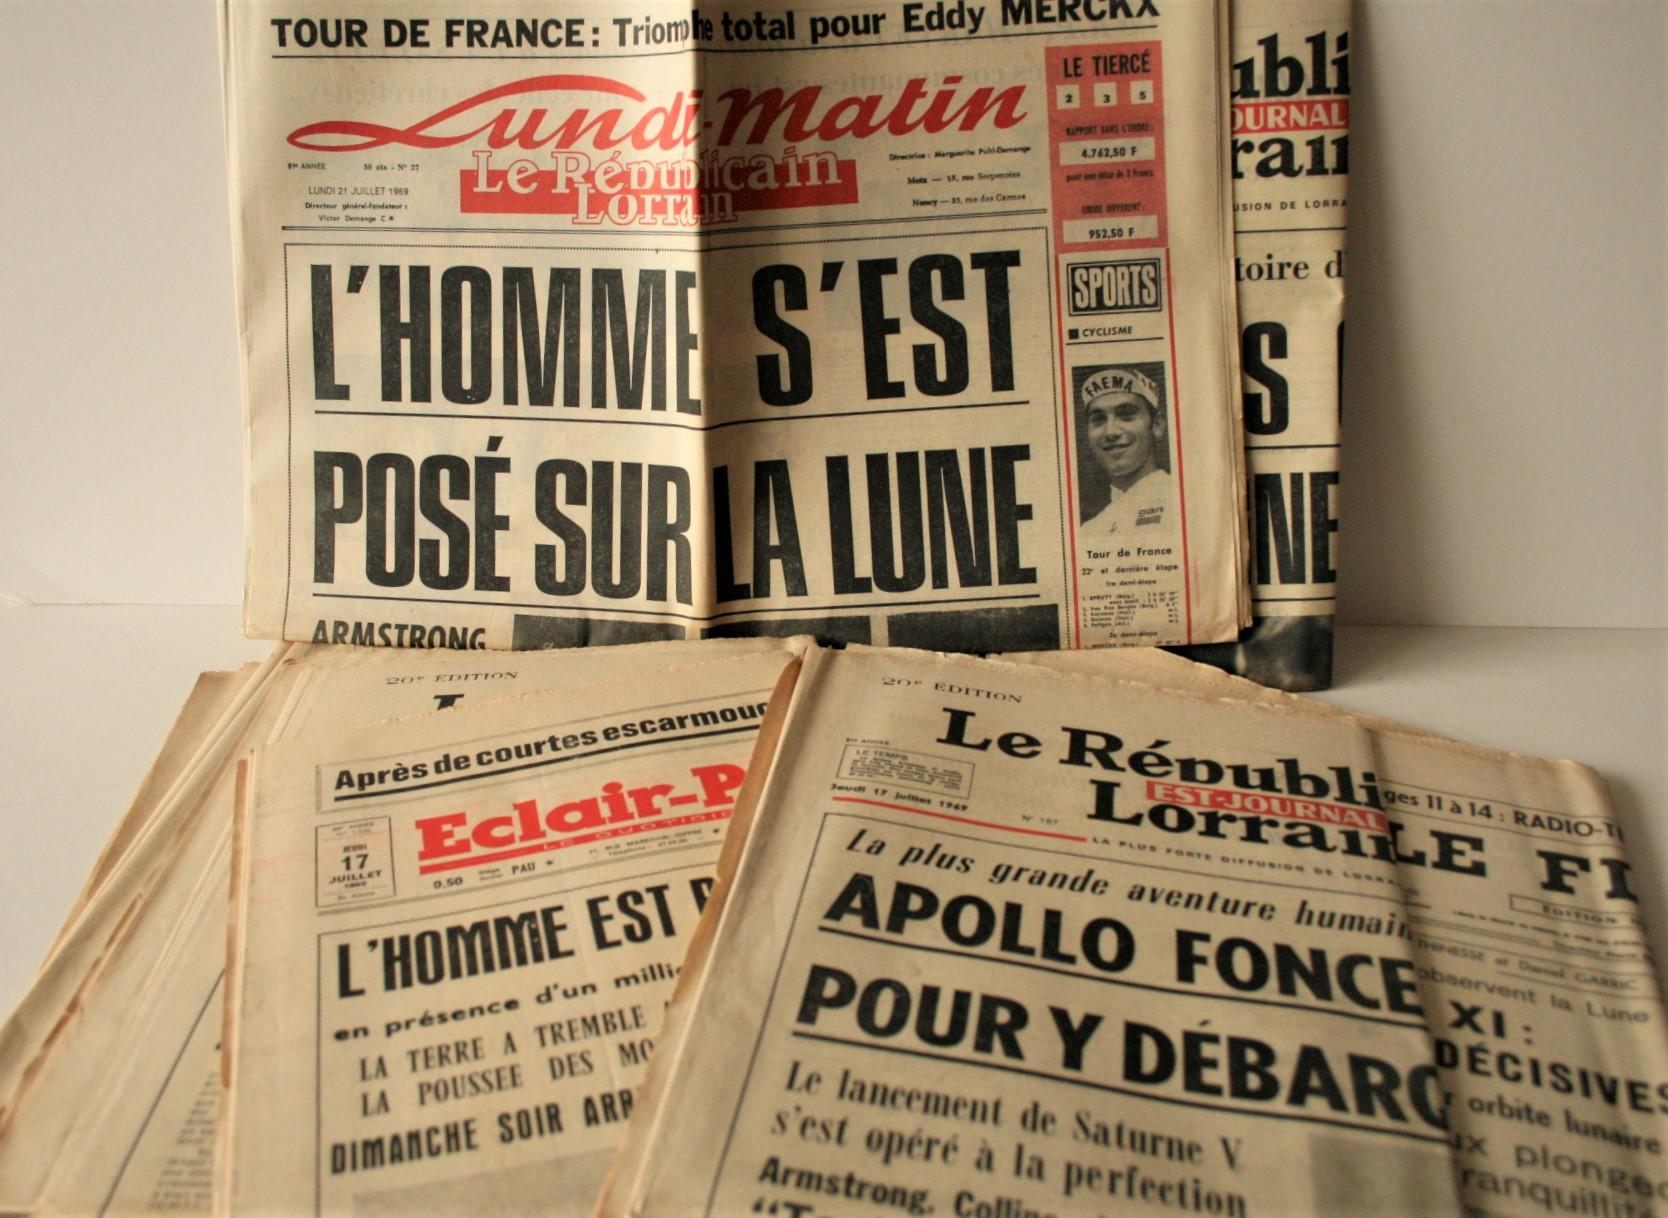 Lot 2 - Ensemble de 10 journaux français parus durant la mission APOLLO XI en juillet 1969 - [...]